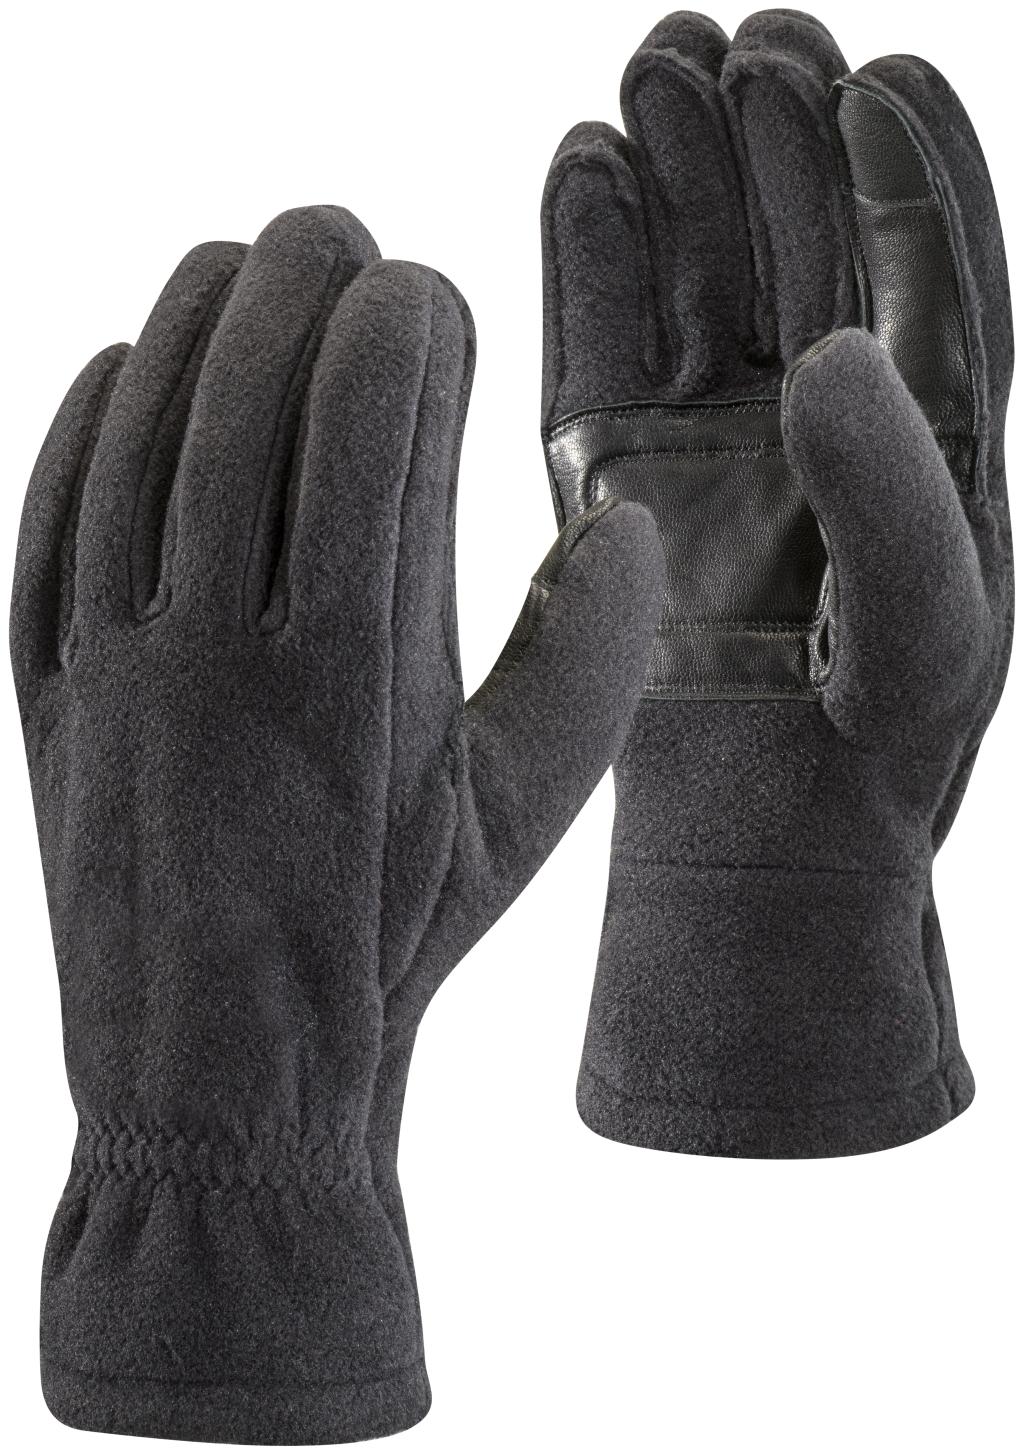 Black Diamond Midweight Fleece Gloves Black-30